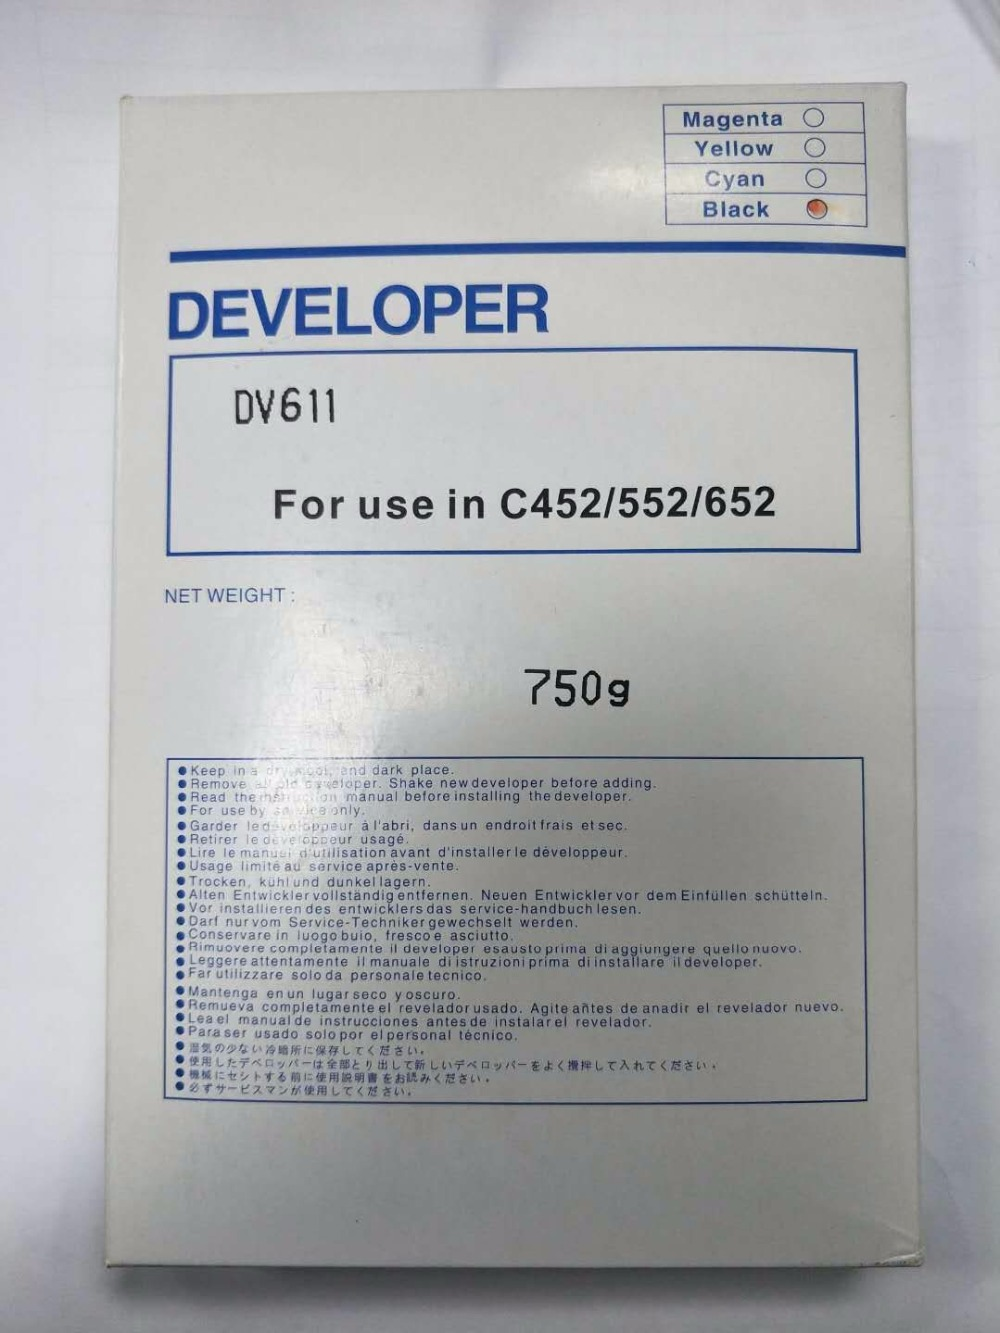 Black Developer For Minolta DV611 C452 C552 C652 copier spare parts 625g compatible dv511 developer for minolta bh420 421 500 501 7145 copier parts